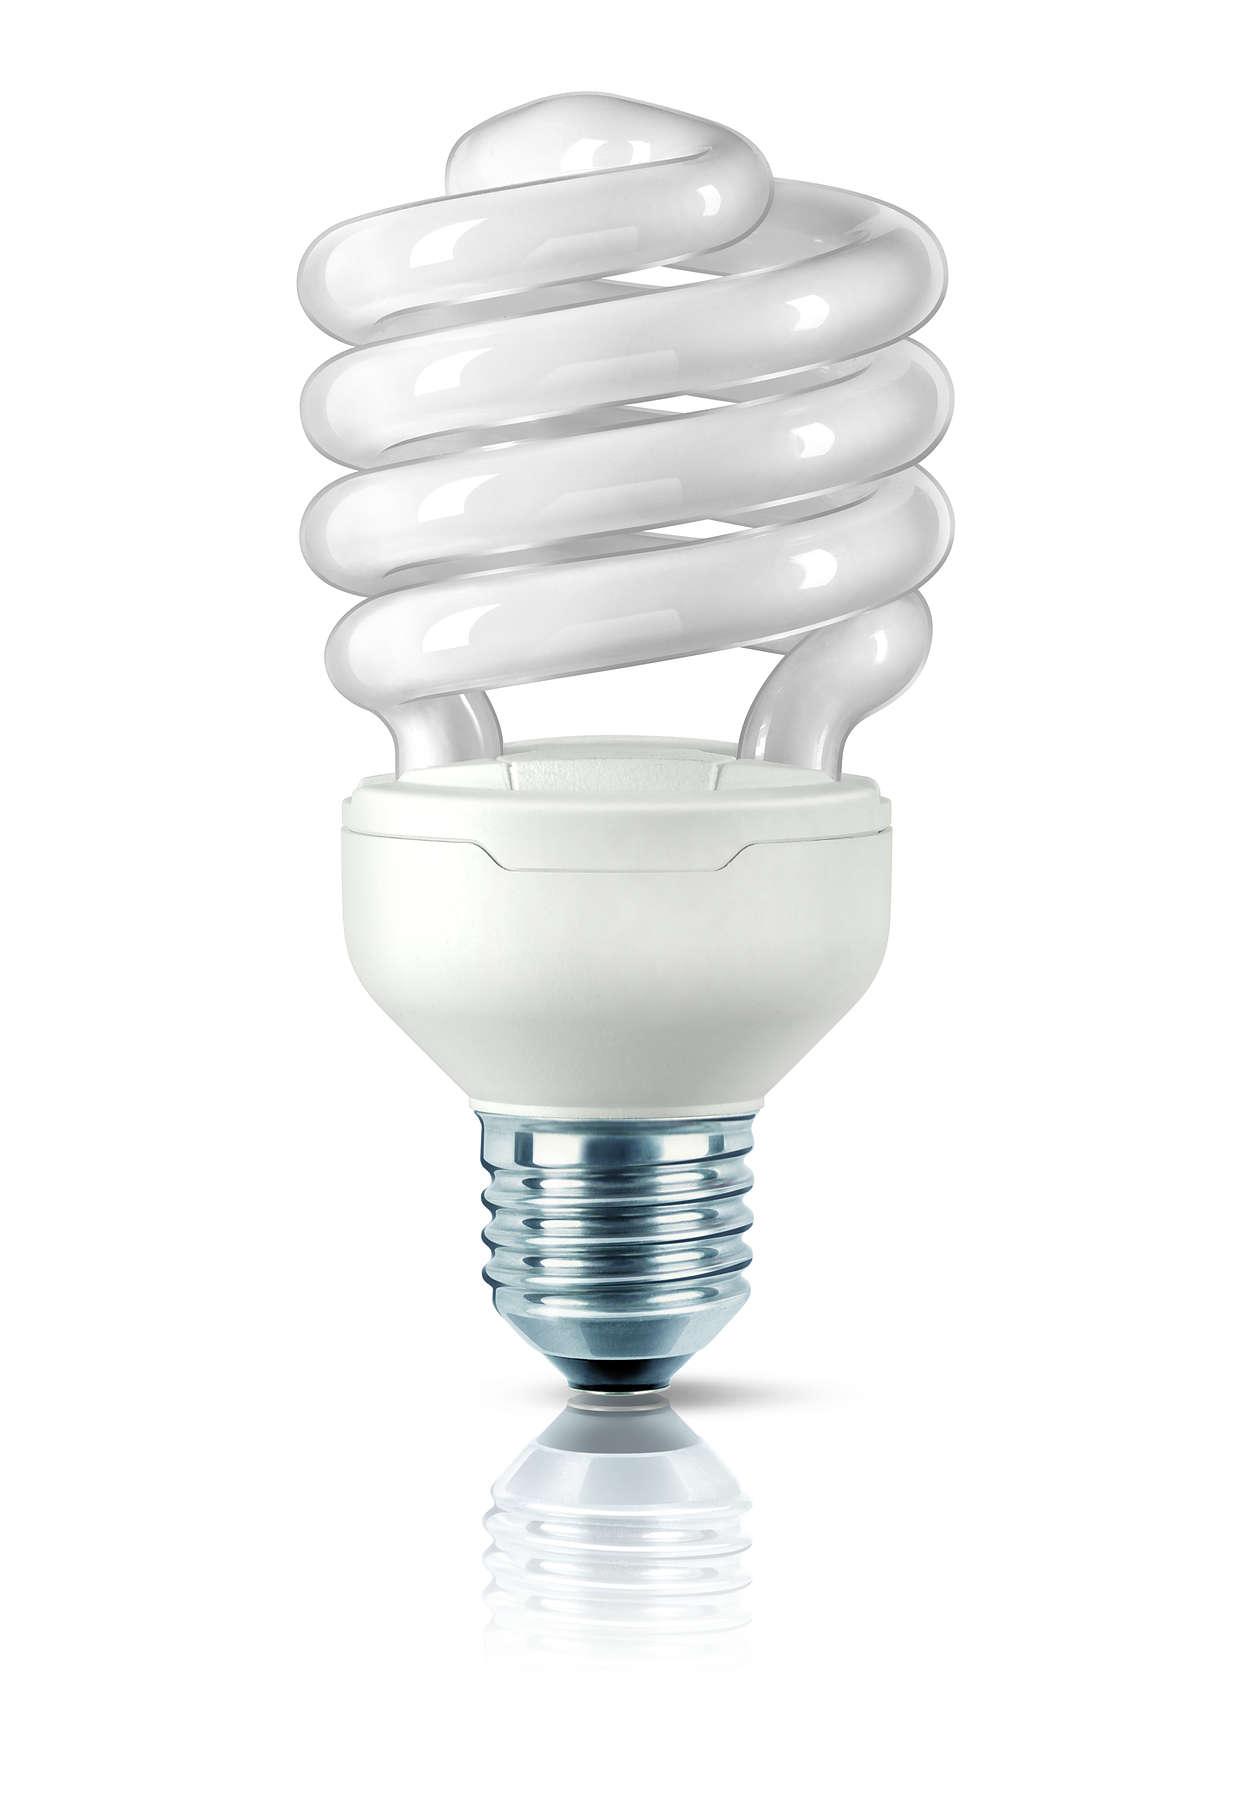 Най-малката енергоспестяваща лампа